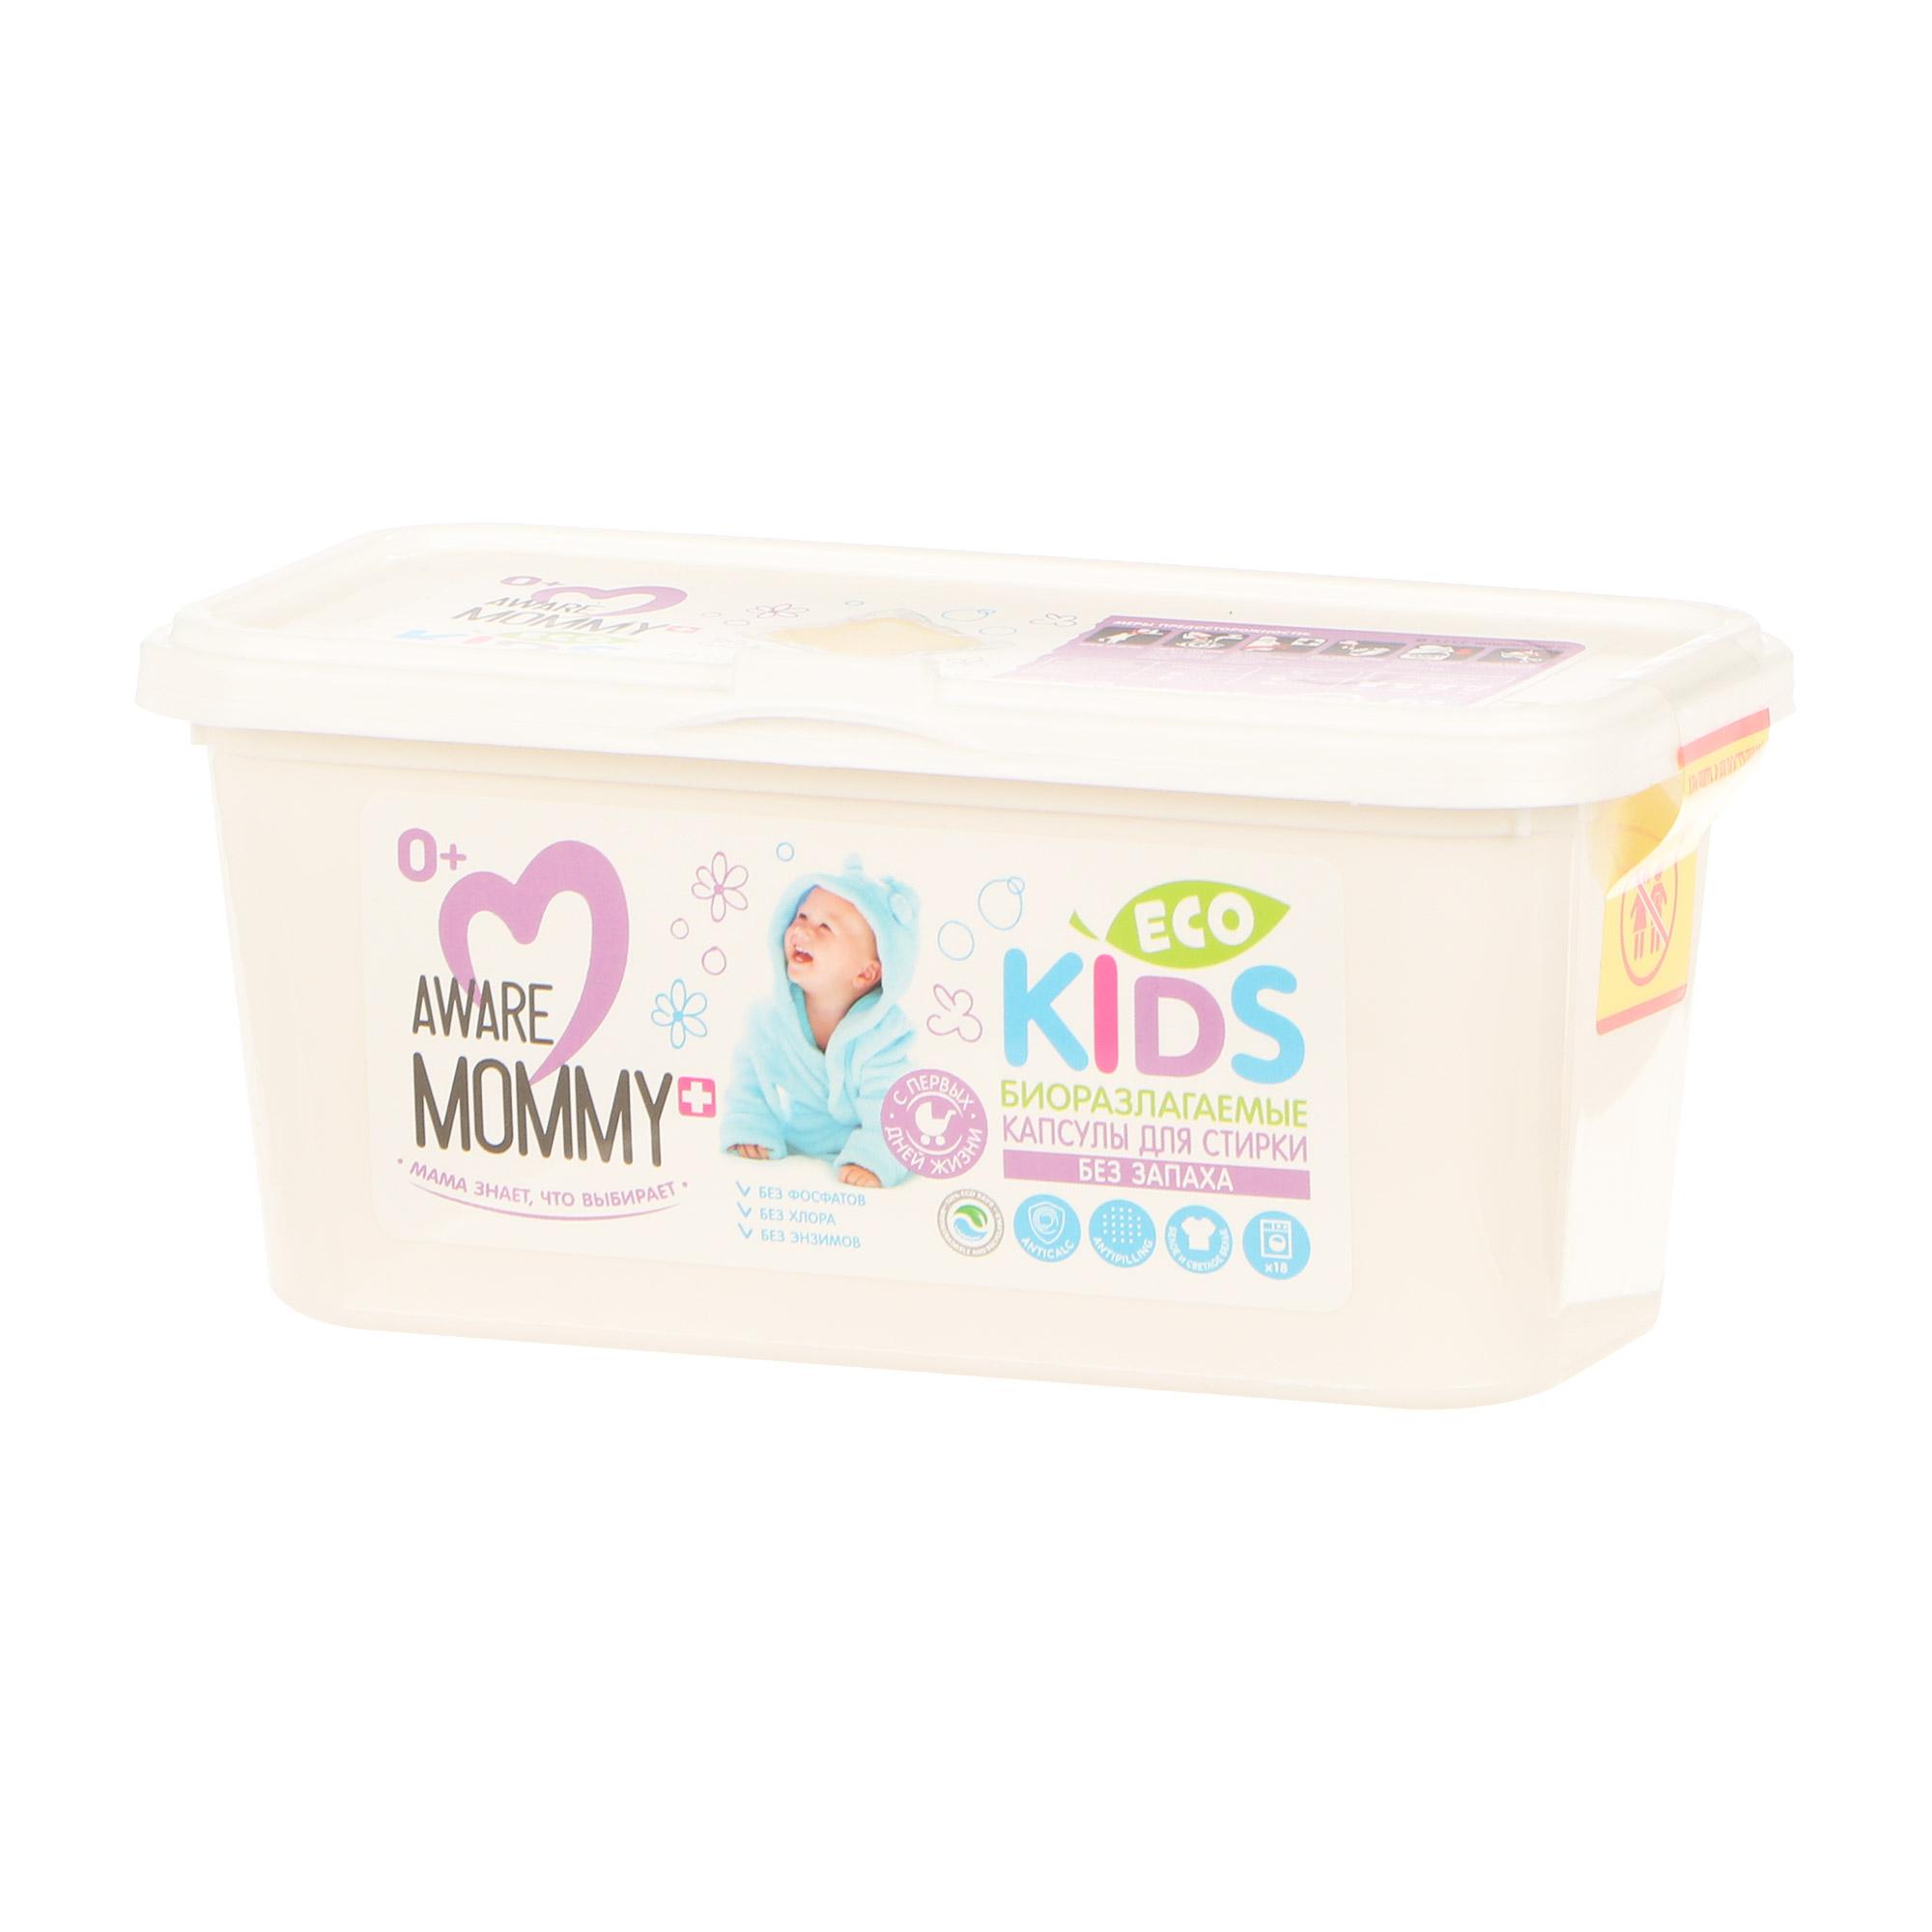 Капсулы для стирки Aware mommy eco kids 18 капсул фото